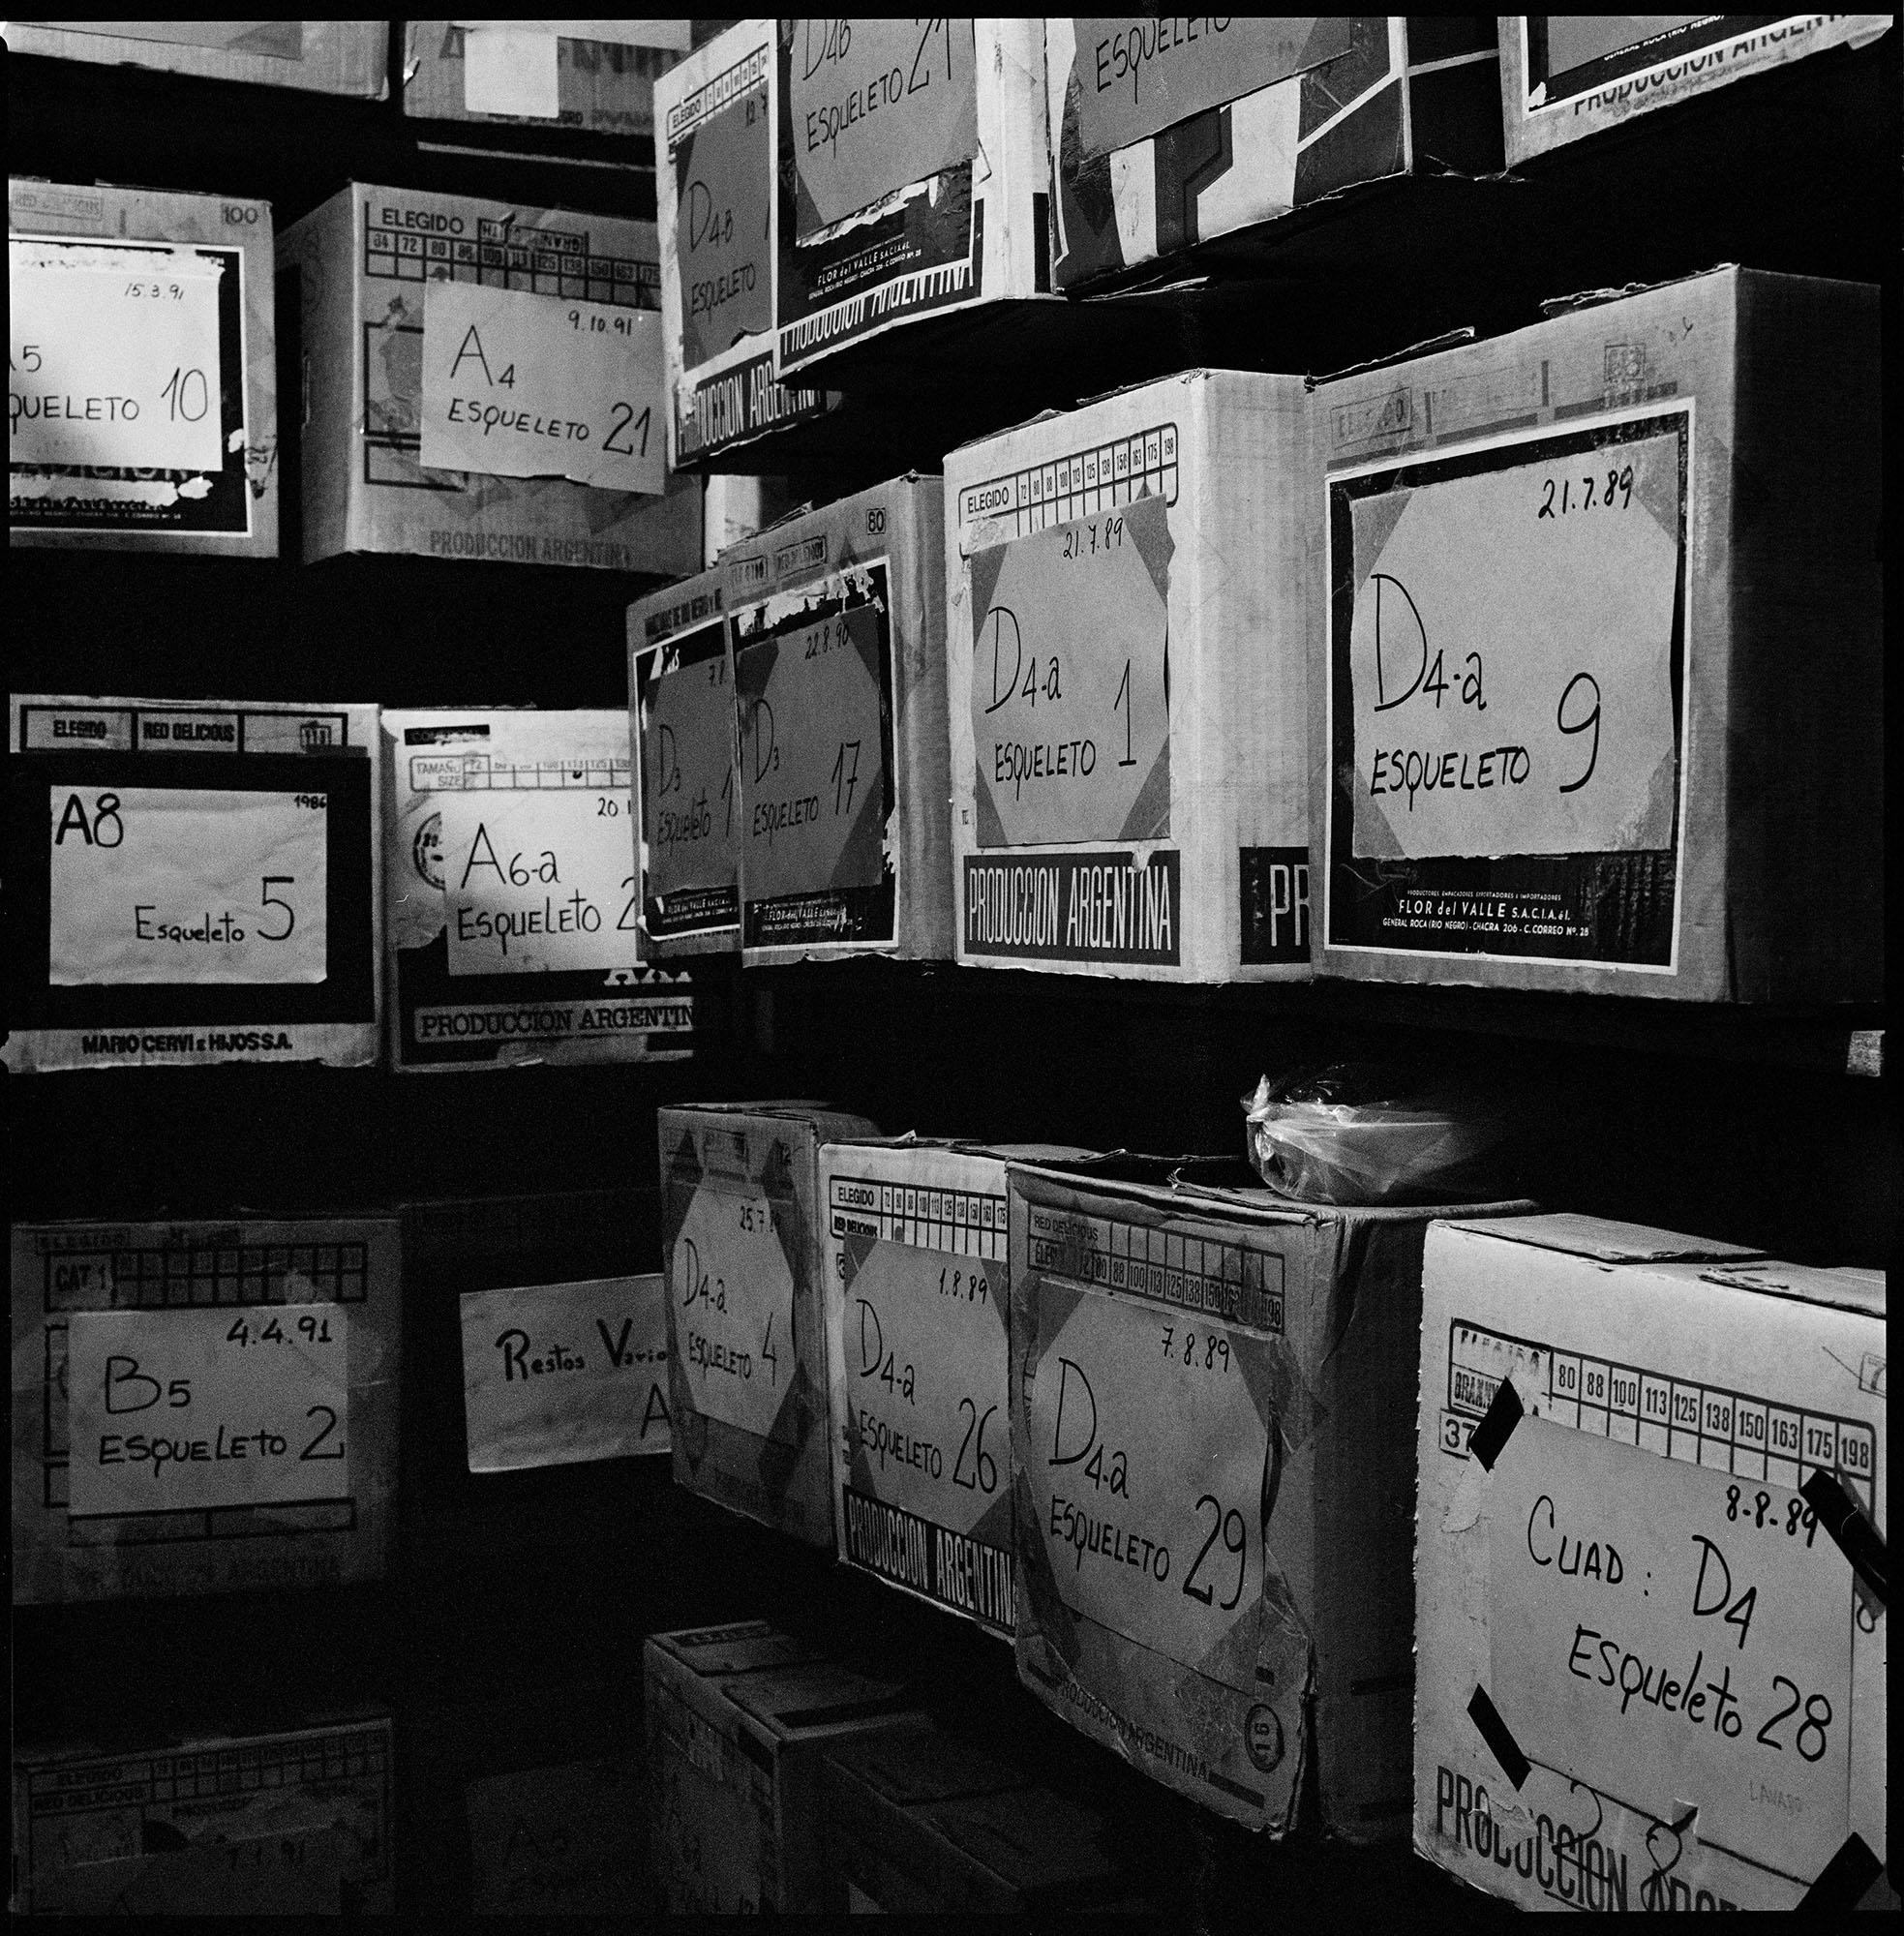 Depósito del Equipo Argentino de Antropología Forense donde se guardan las cajas que contienen los restos recuperados de personas desaparecidas. Estos restos son almacenados para ser identificados y sólo son entregados a sus correspondientes familiares cuando existe evidencia de identificación.  Fotografía tomada en enero de 2012.